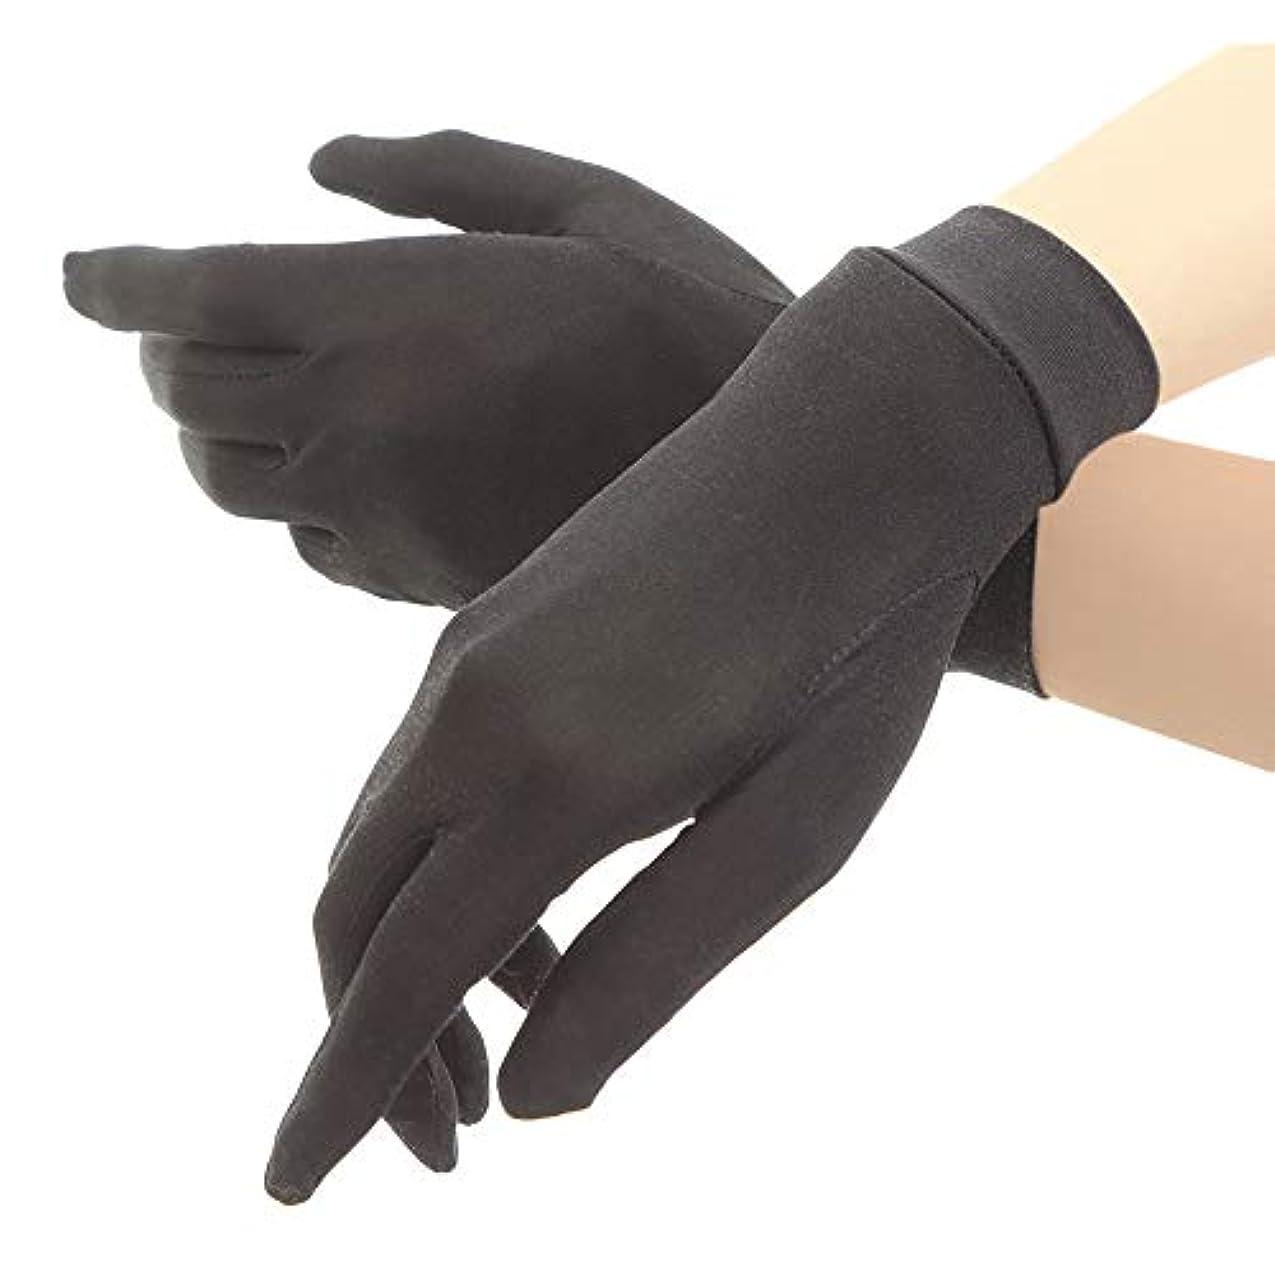 怒る警告する恐怖症シルク手袋 レディース 手袋 シルク 絹 ハンド ケア 保湿 紫外線 肌荒れ 乾燥 サイズアップで手指にマッチ 【macch】